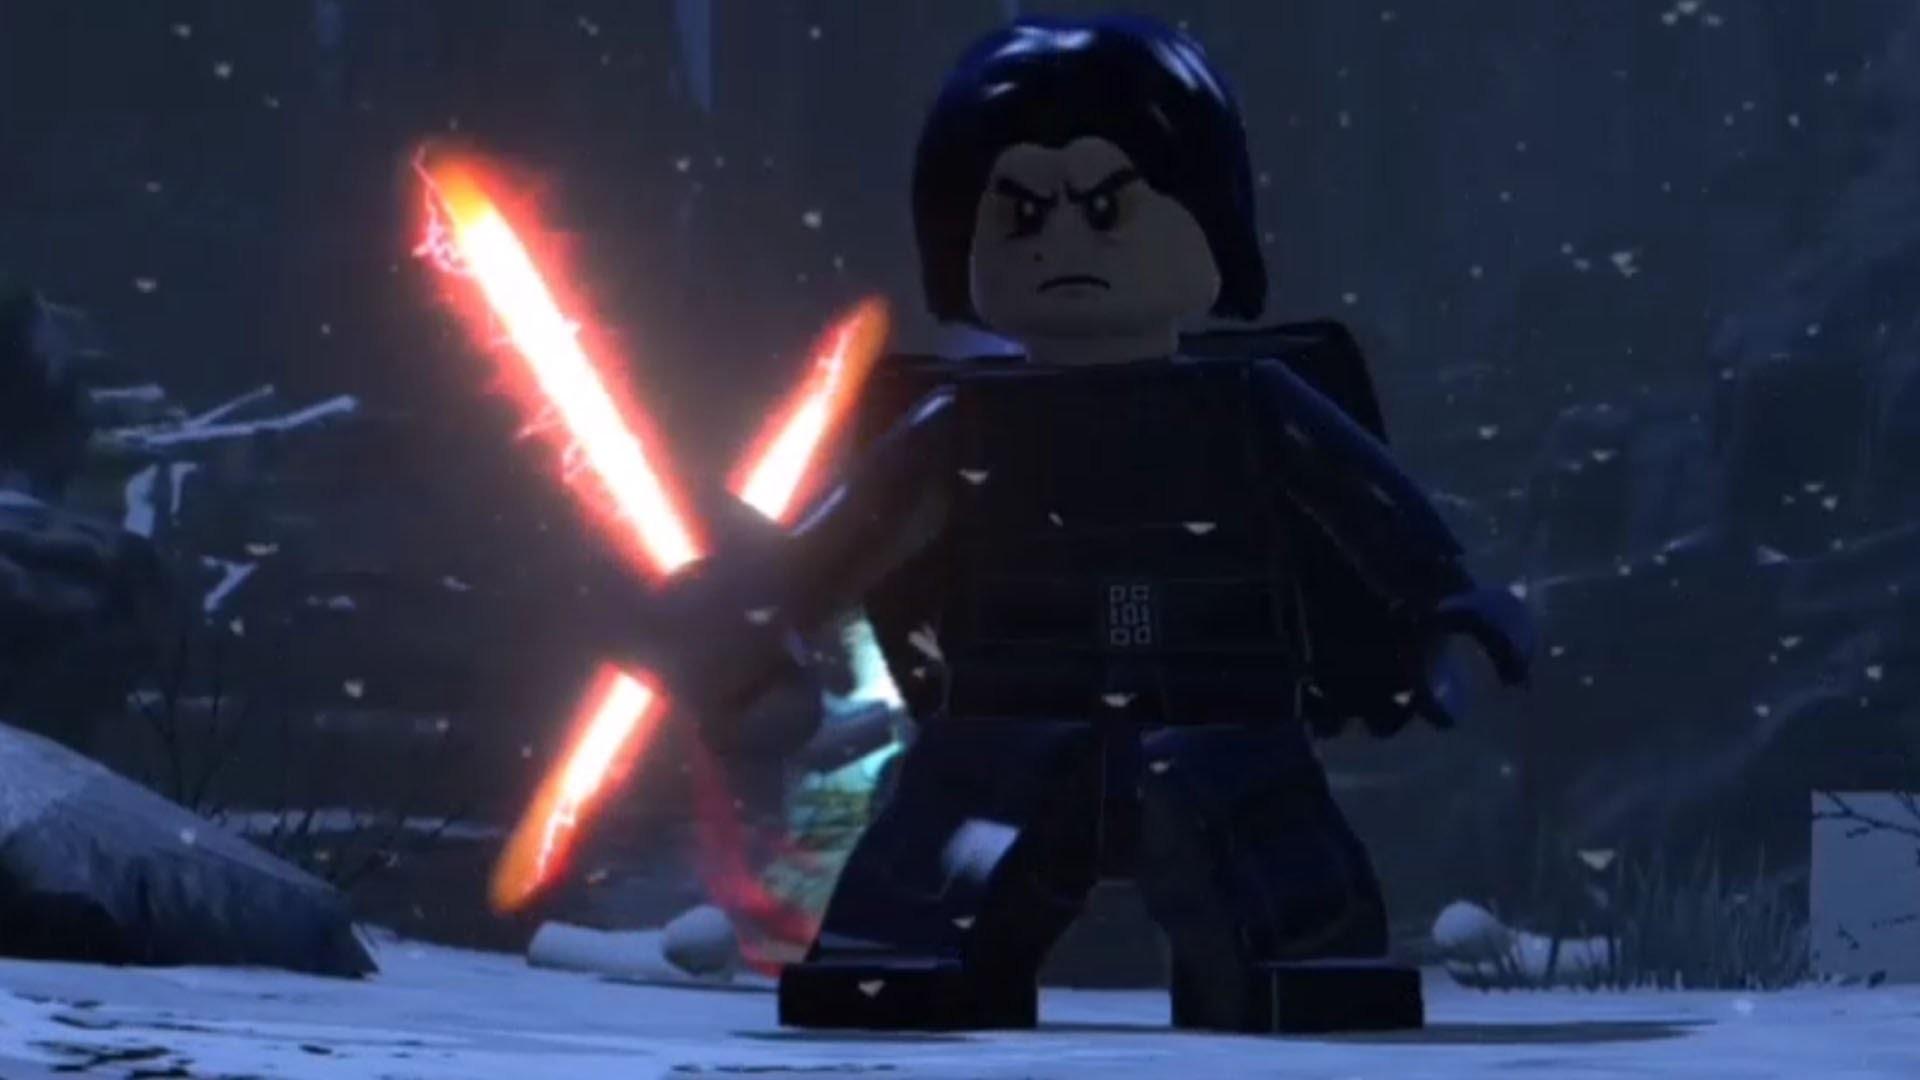 LEGO Star Wars: The Force Awakens – Kylo Ren   Final Boss Fight [HD] –  YouTube